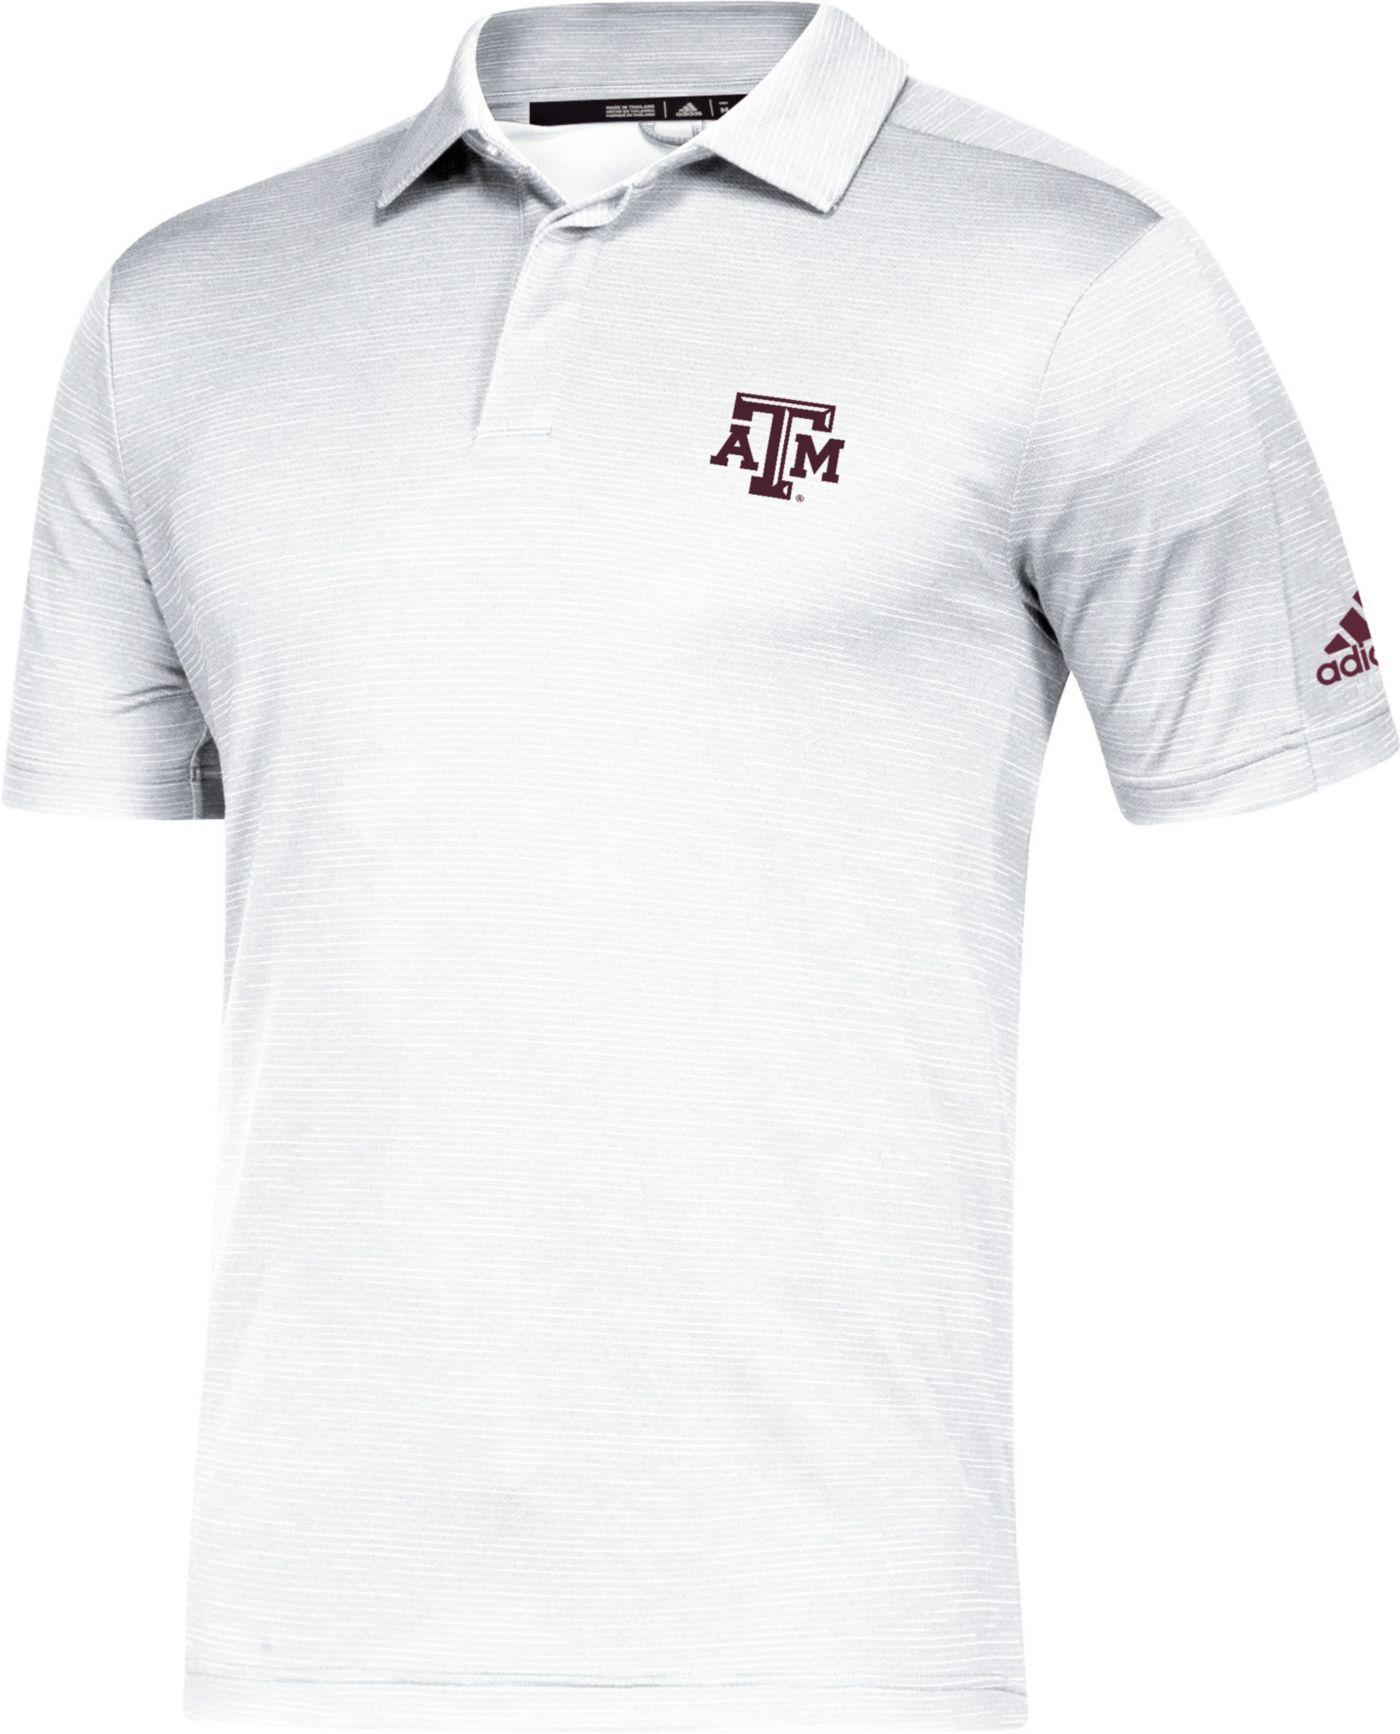 adidas Men's Texas A&M Aggies Game Mode Sideline White Polo